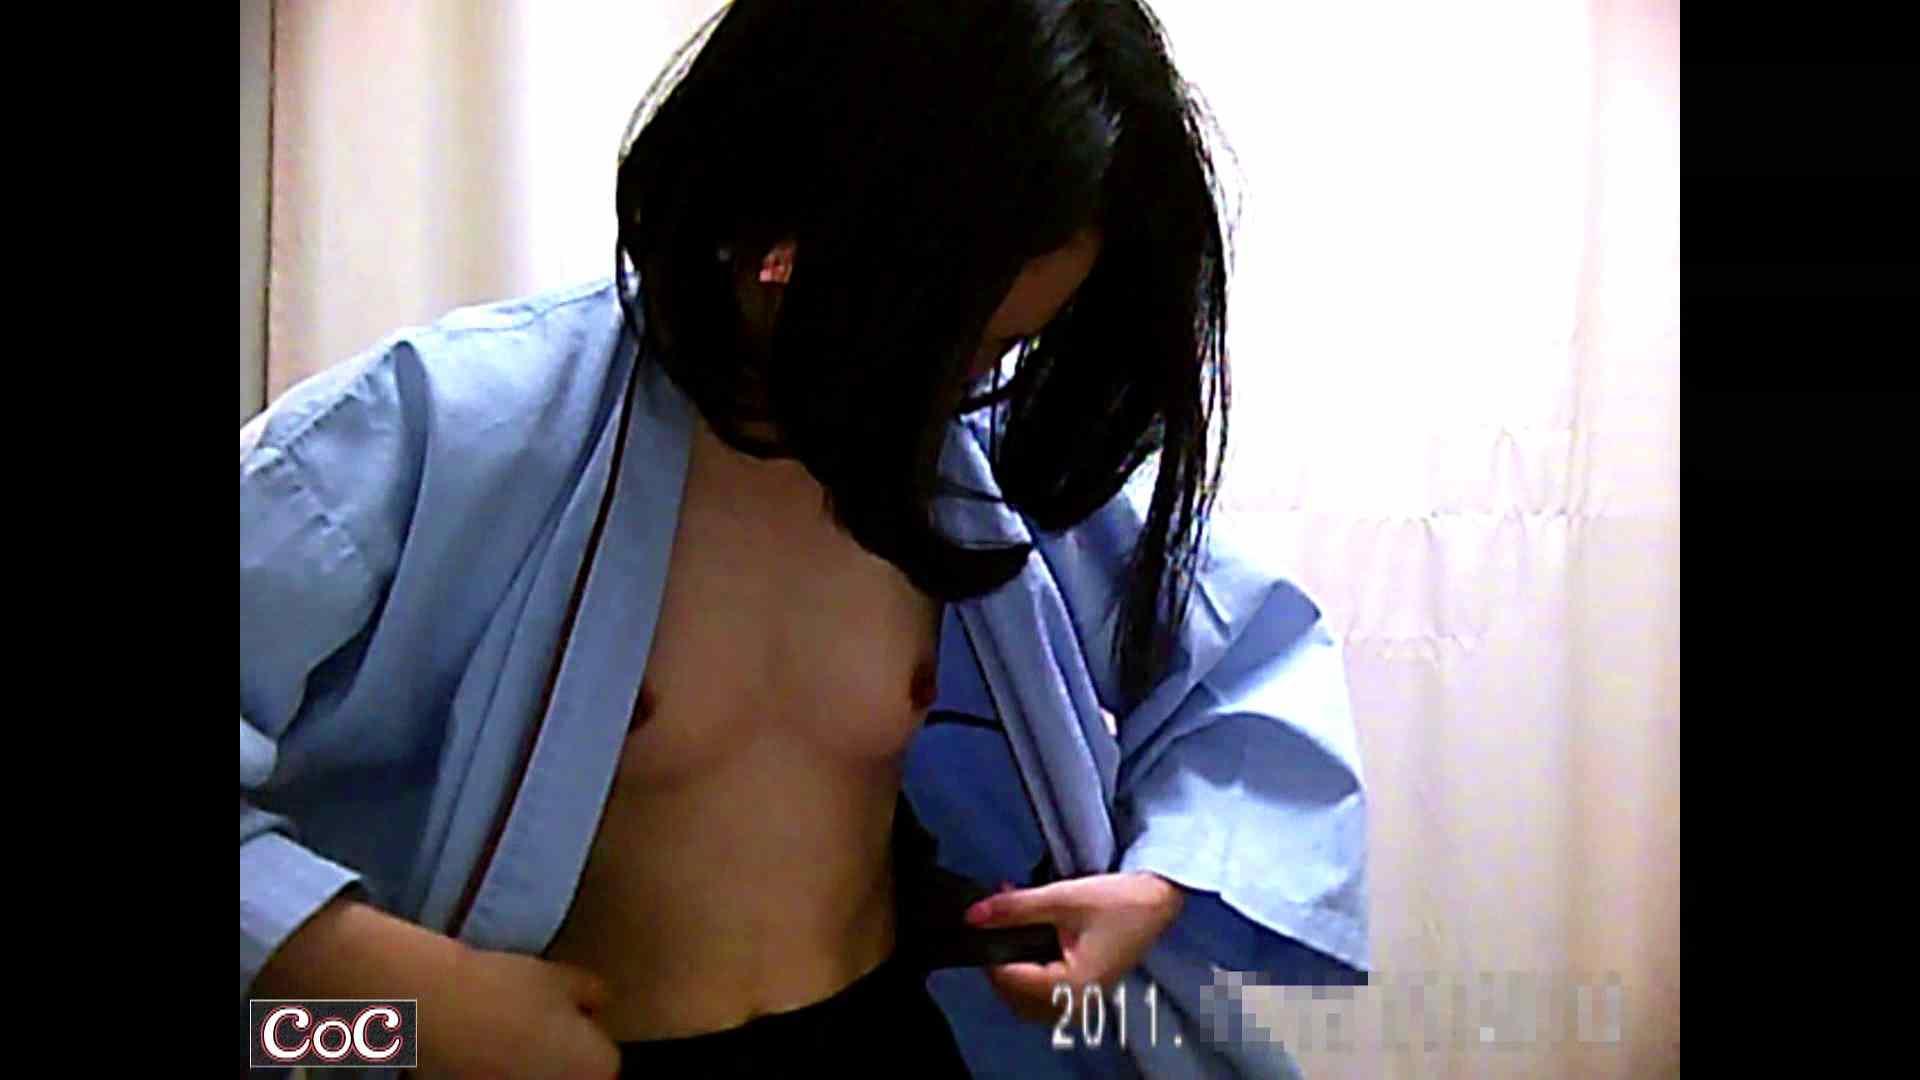 病院おもいっきり着替え! vol.91 乳首 セックス画像 91pic 46